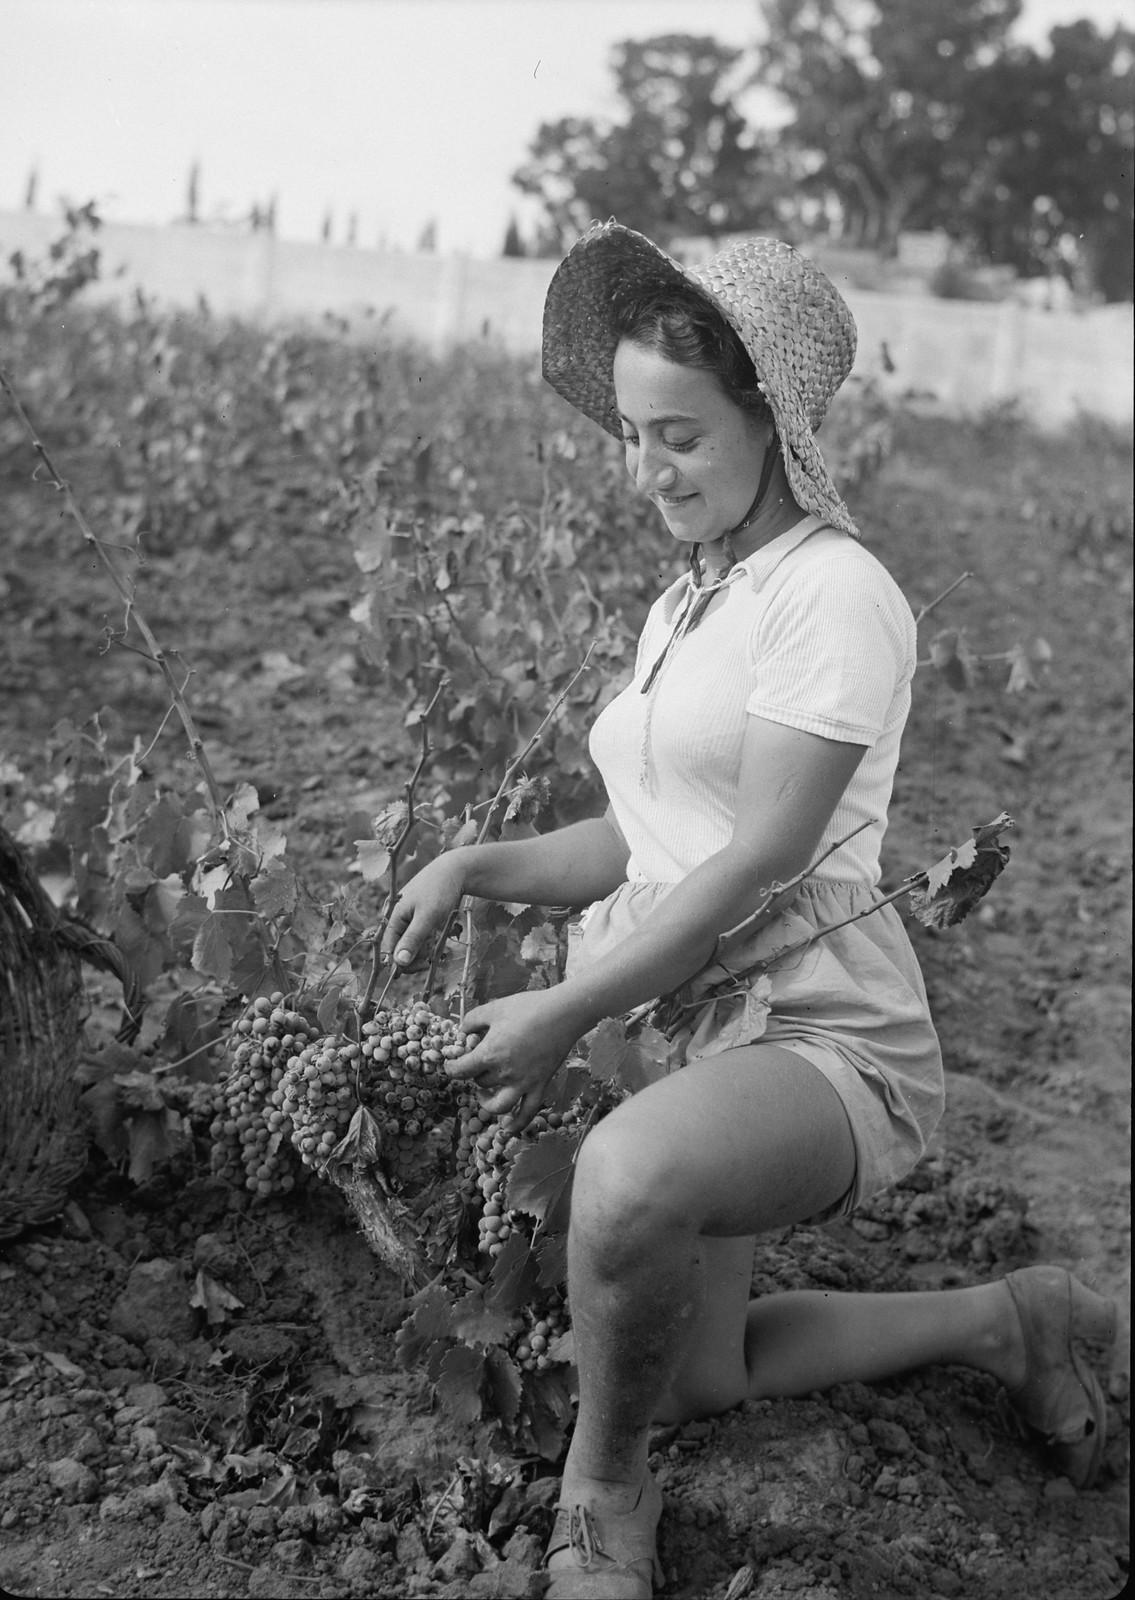 03. Сборщица винограда, европейская девушка-иммигрантка2